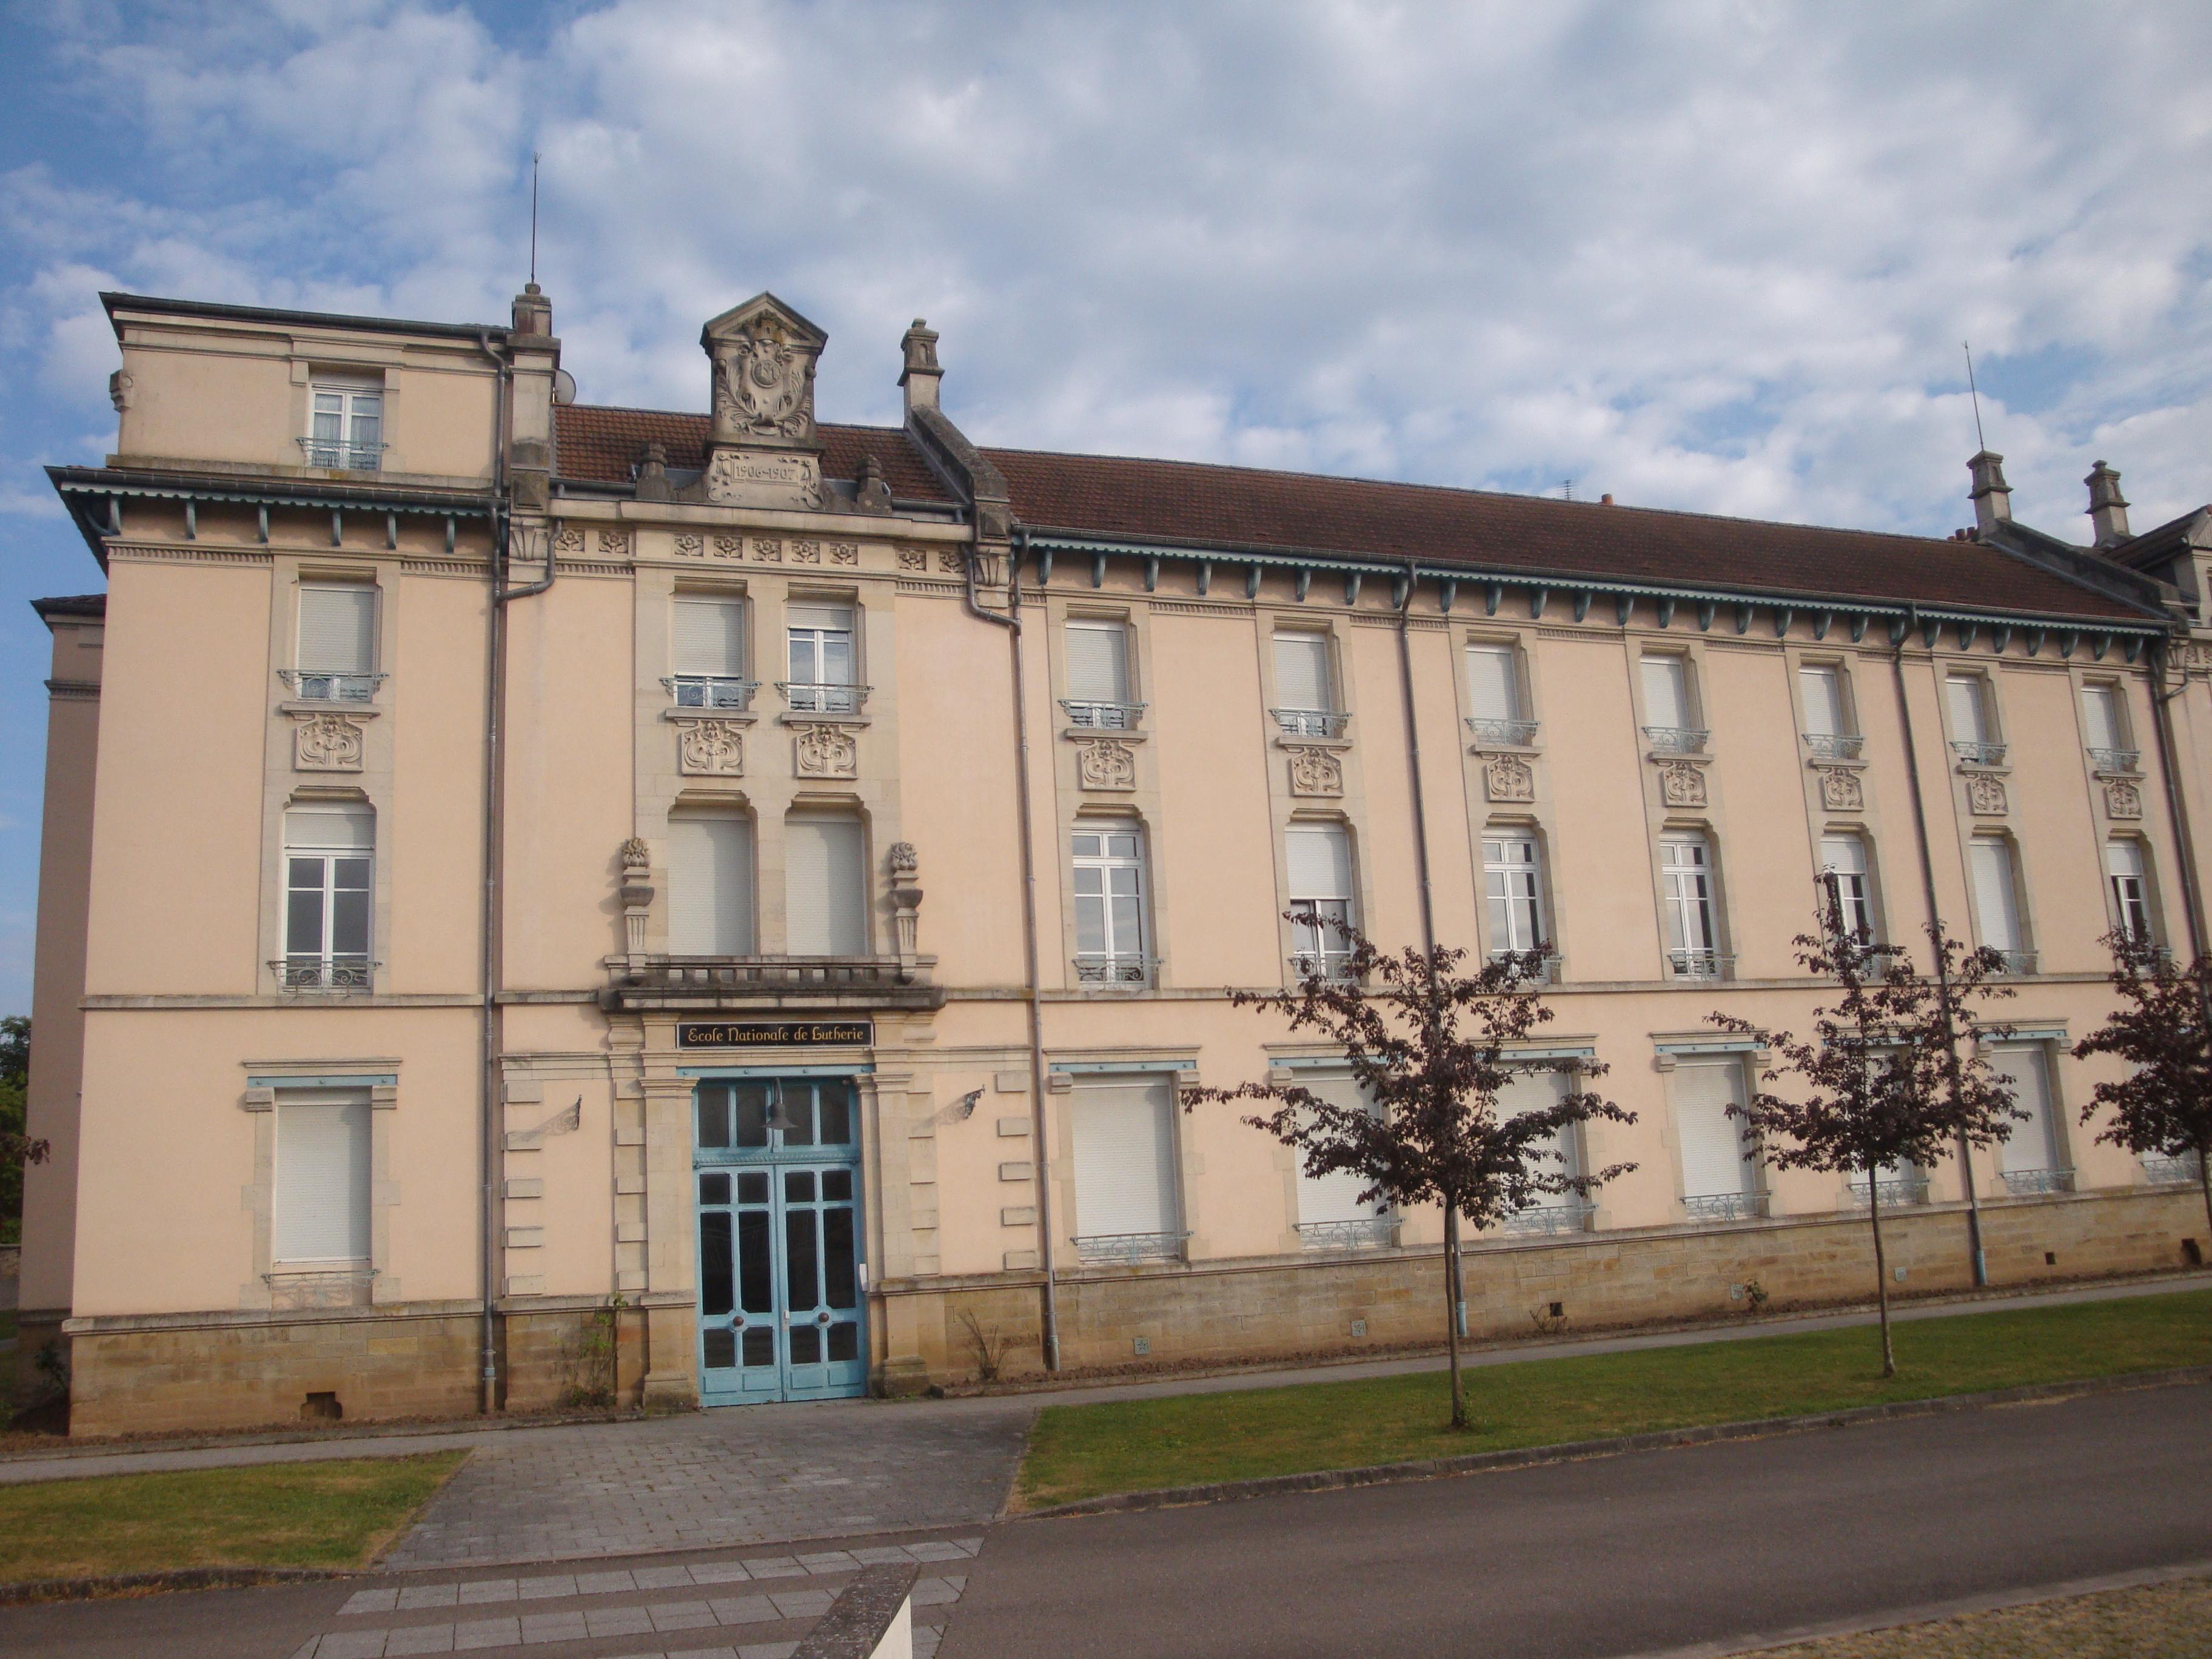 L'école nationale de lutherie à Mirecourt, 2014 (cliché Hélène Claudot-Hawad)